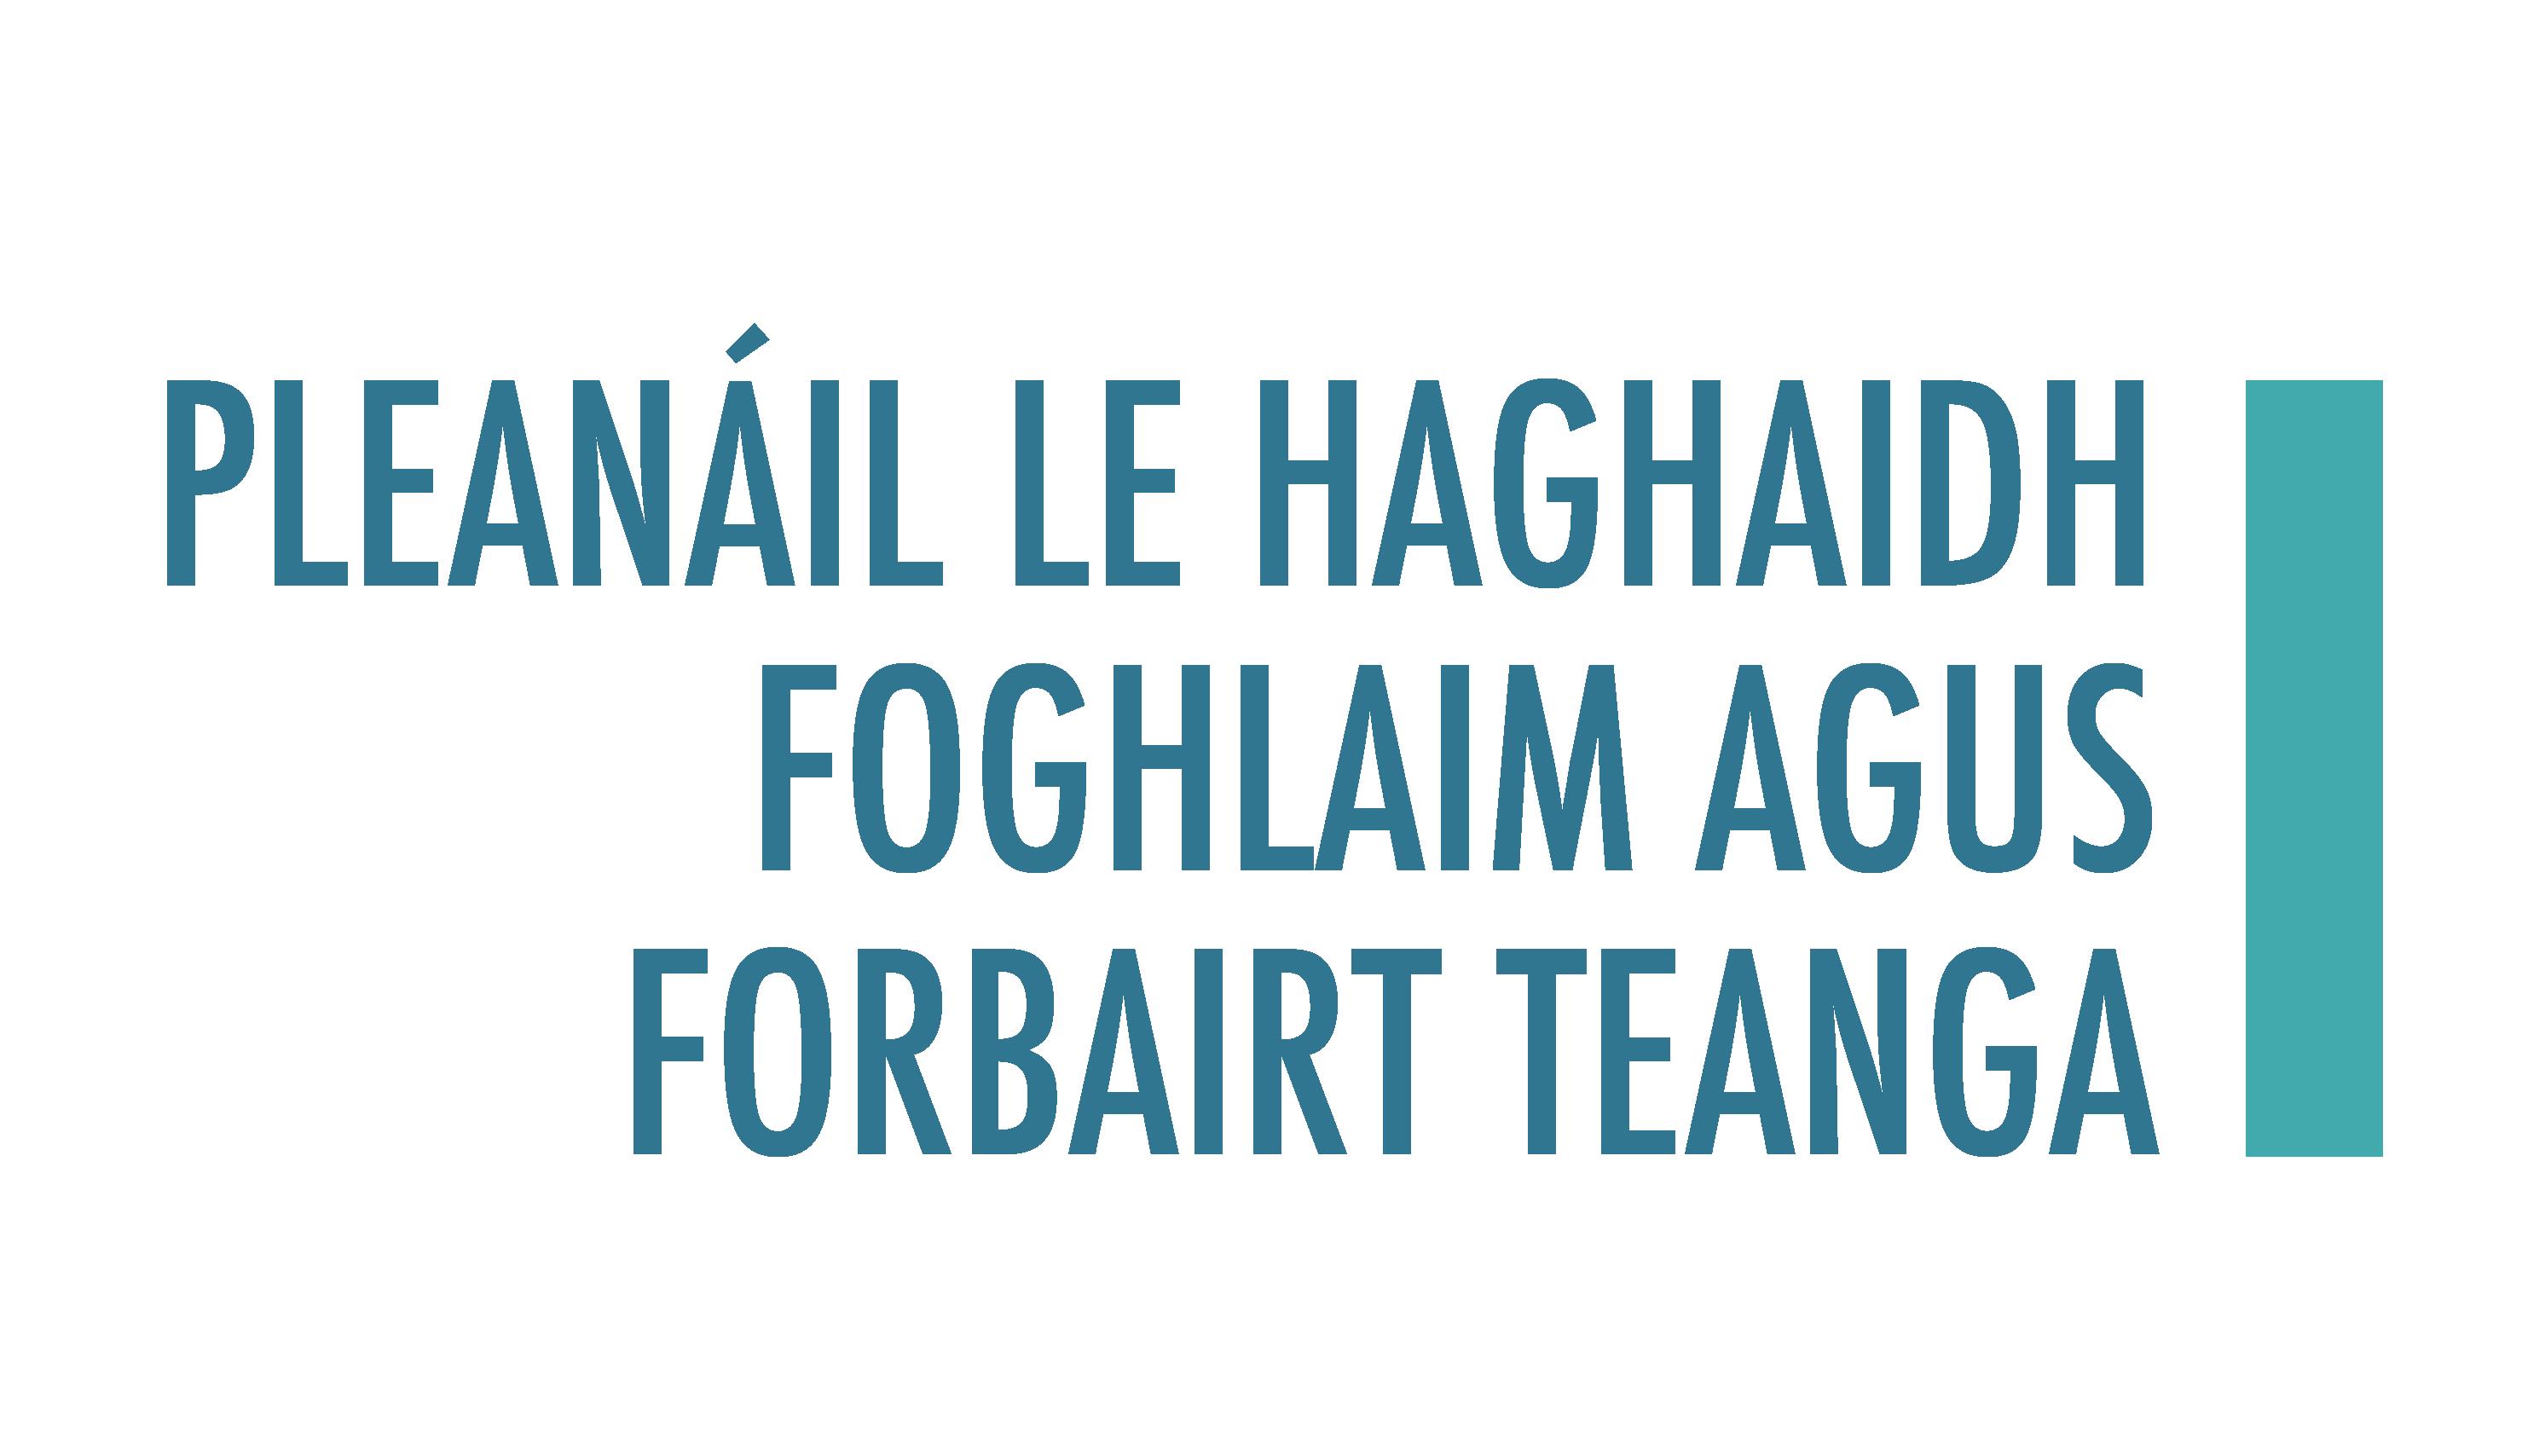 Pleanáil le haghaidh foghlaim agus forbairt teanga